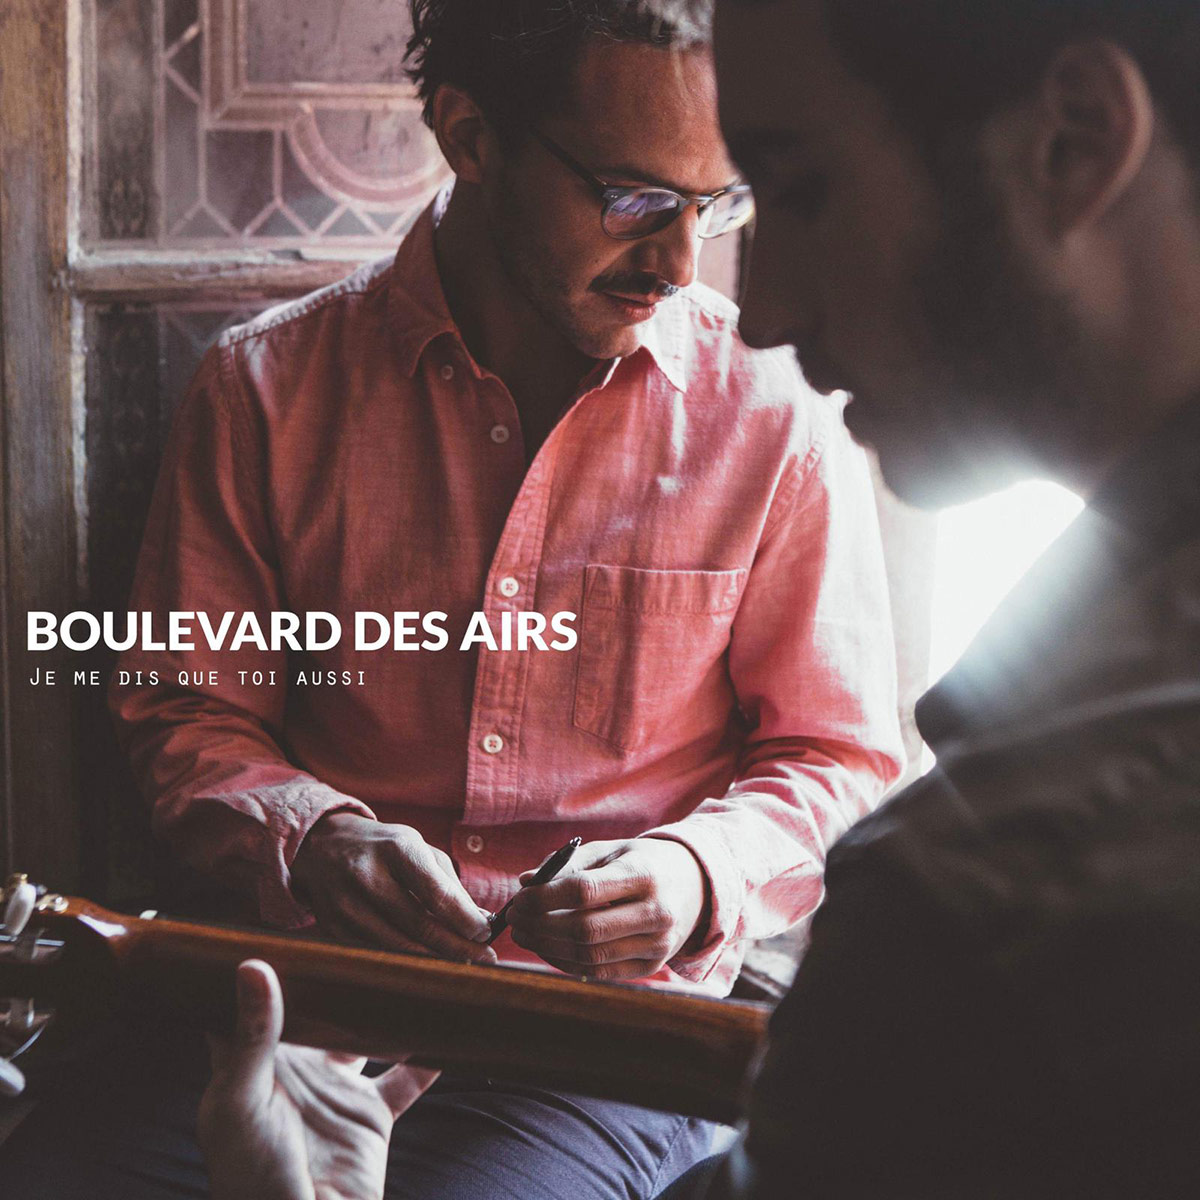 Boulevard des Airs - Sylvain Duthu et Florent Dasque © Lily Eyes Photography